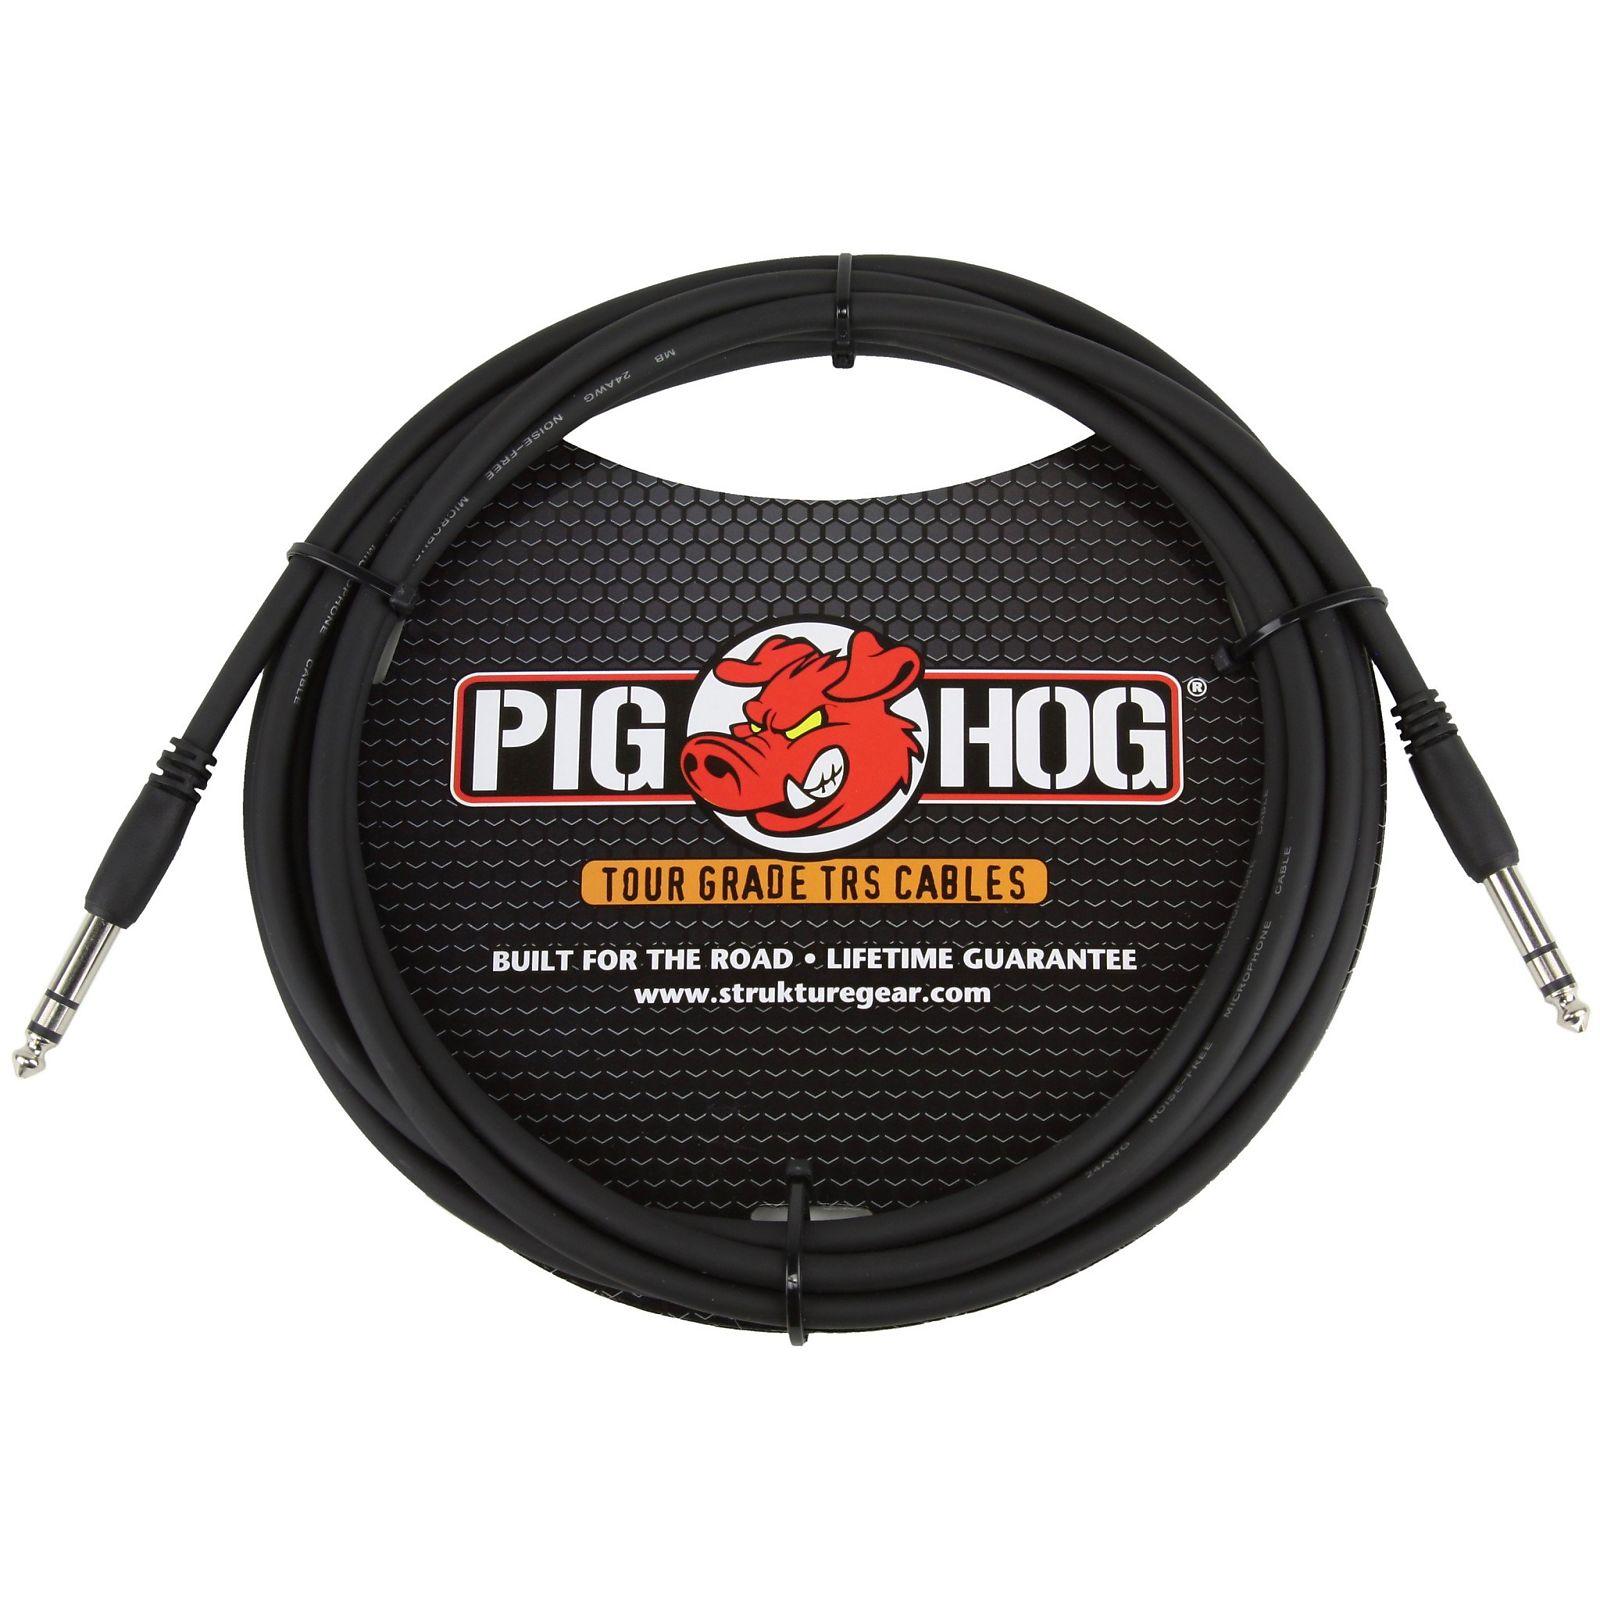 Pig Hog Tour Grade 15-foot, 8mm, balanced 1/4